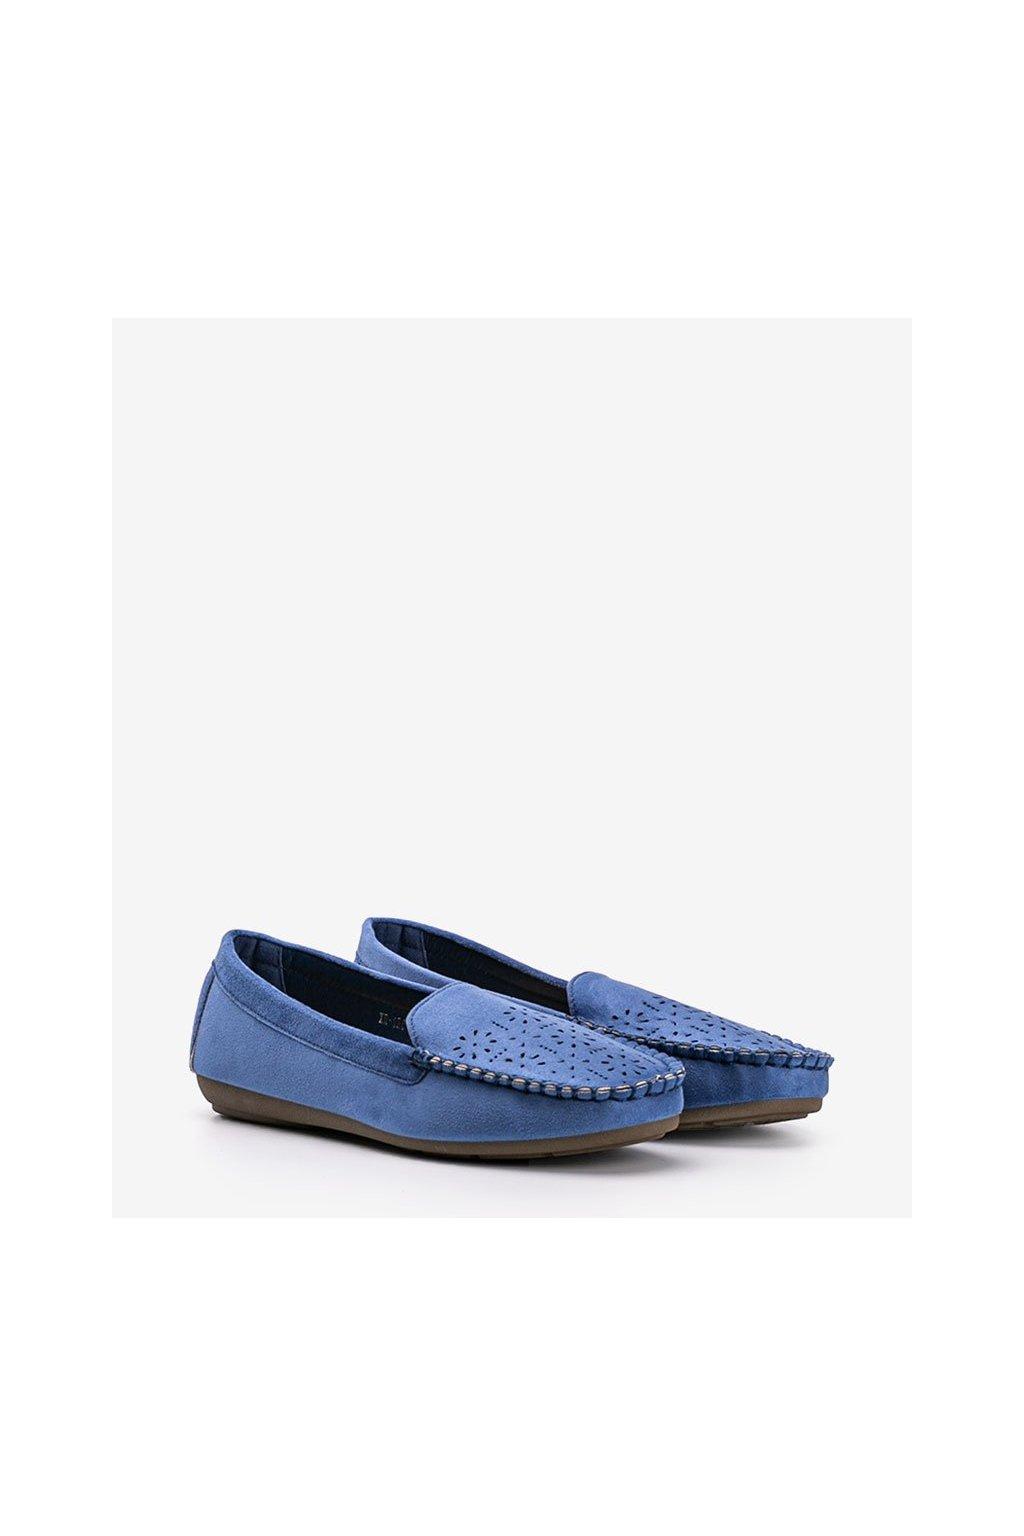 Dámske topánky mokasíny modré kód 1R6-18 - GM